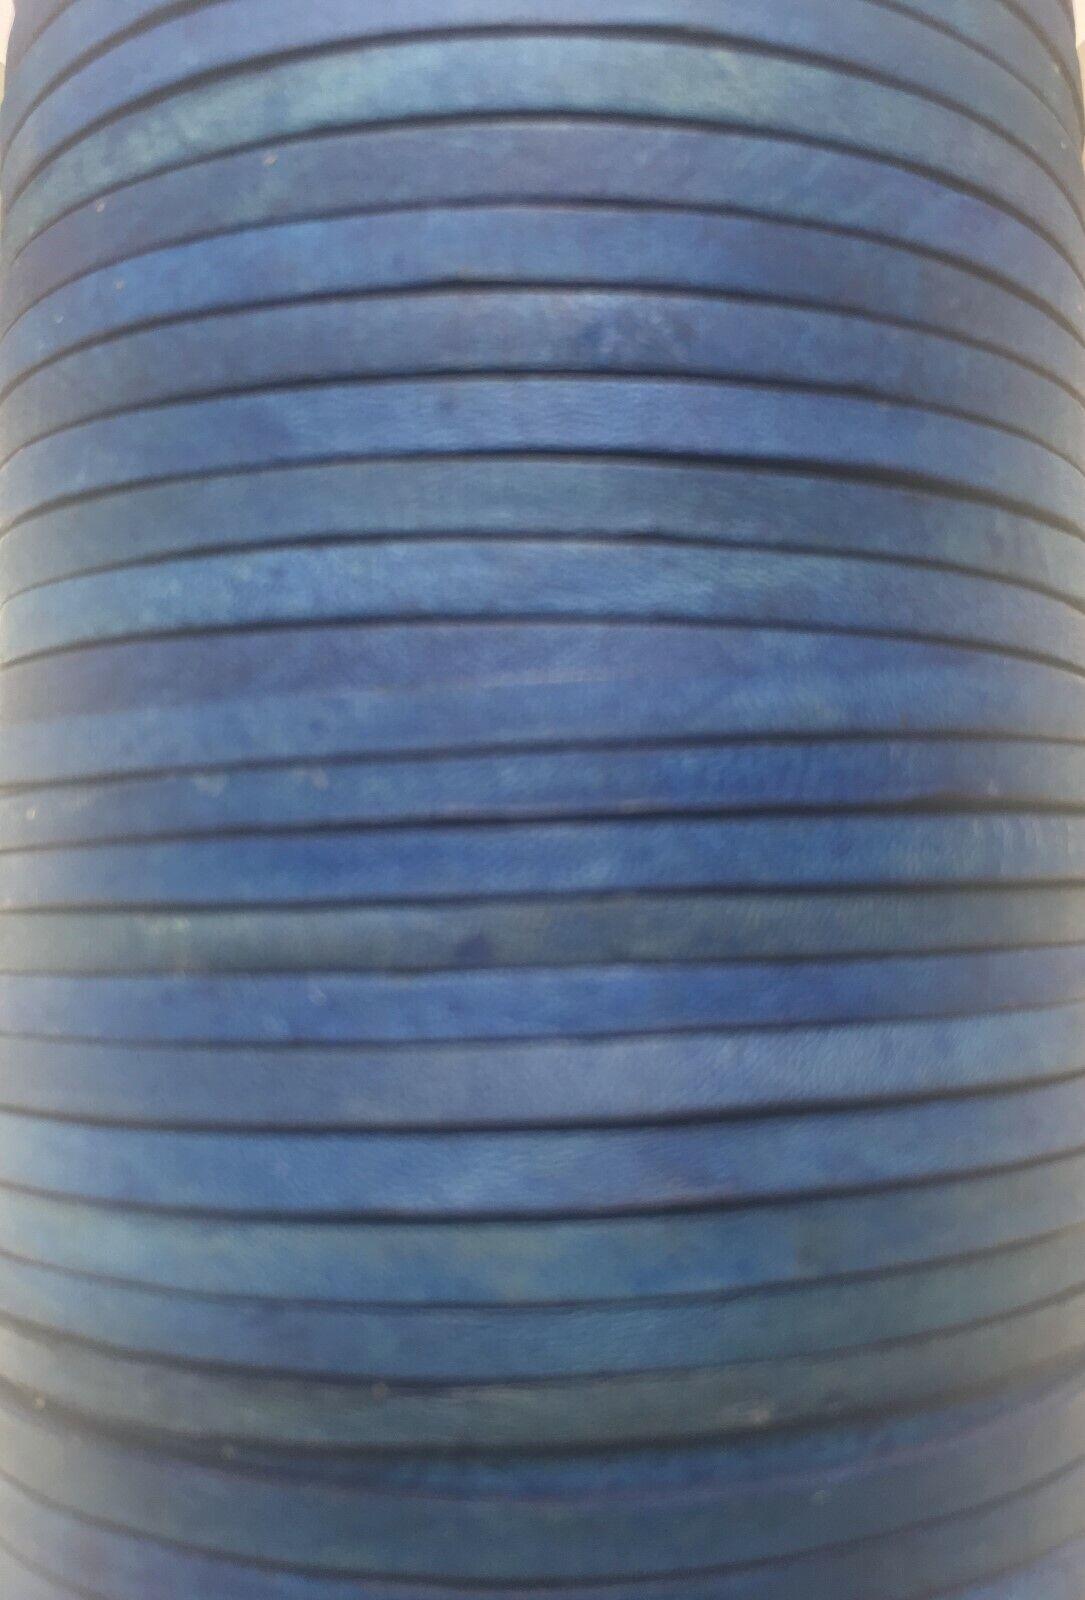 Antique Blue